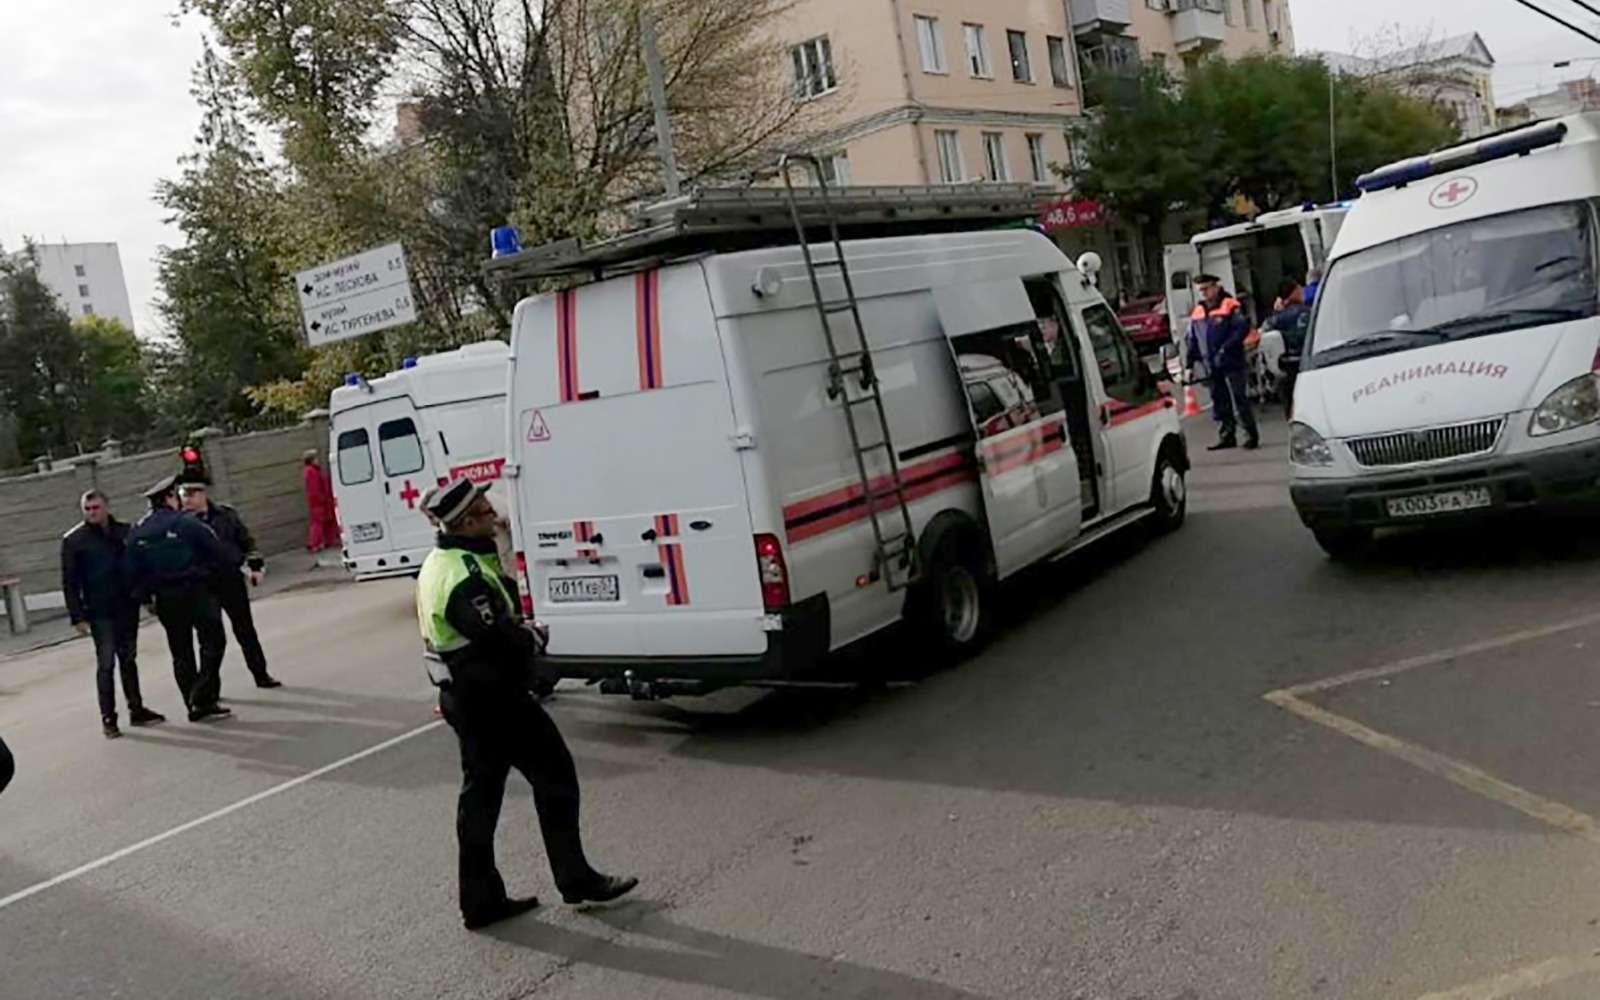 Троллейбус въехал востановку. Есть жертвы ипострадавшие— фото 912677